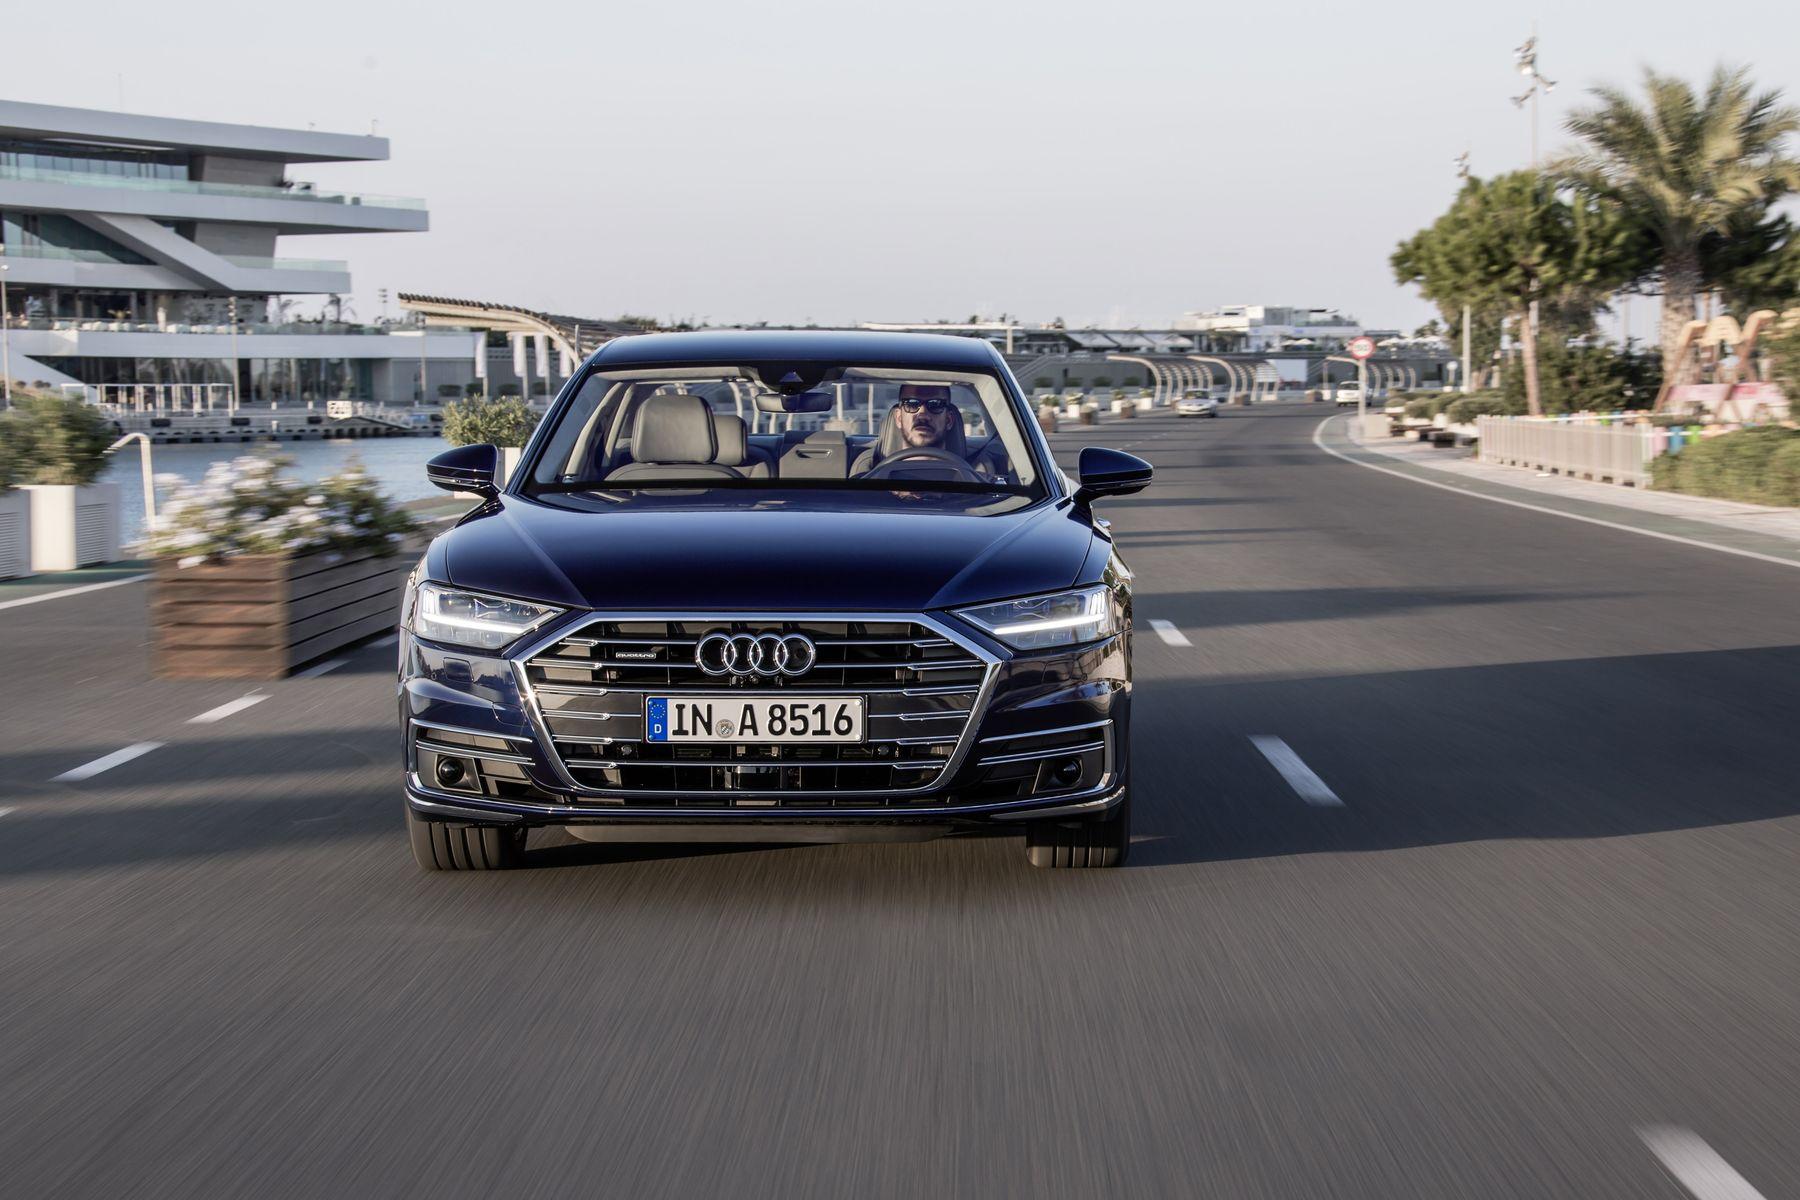 Audi A8 55 TFSI: Ein Statussymbol für Pragmatiker